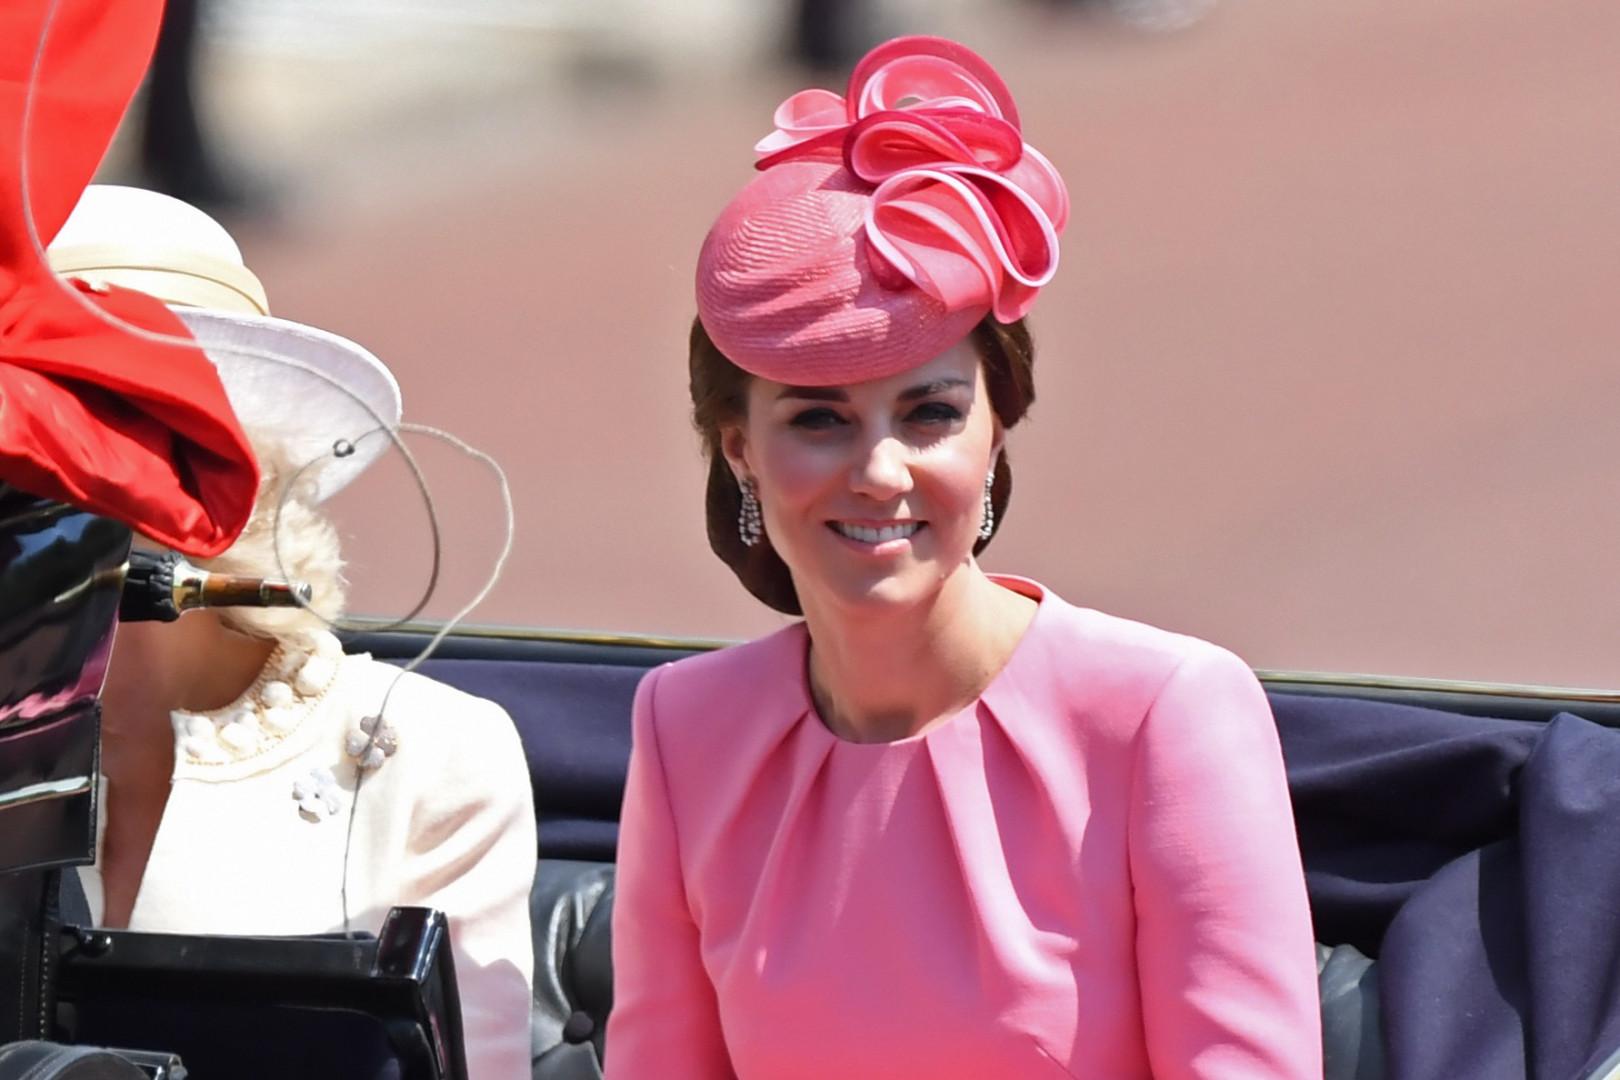 La duchesse de Cambridge, lors des célébrations du 91e anniversaire de la Reine, le 17 juin 2017